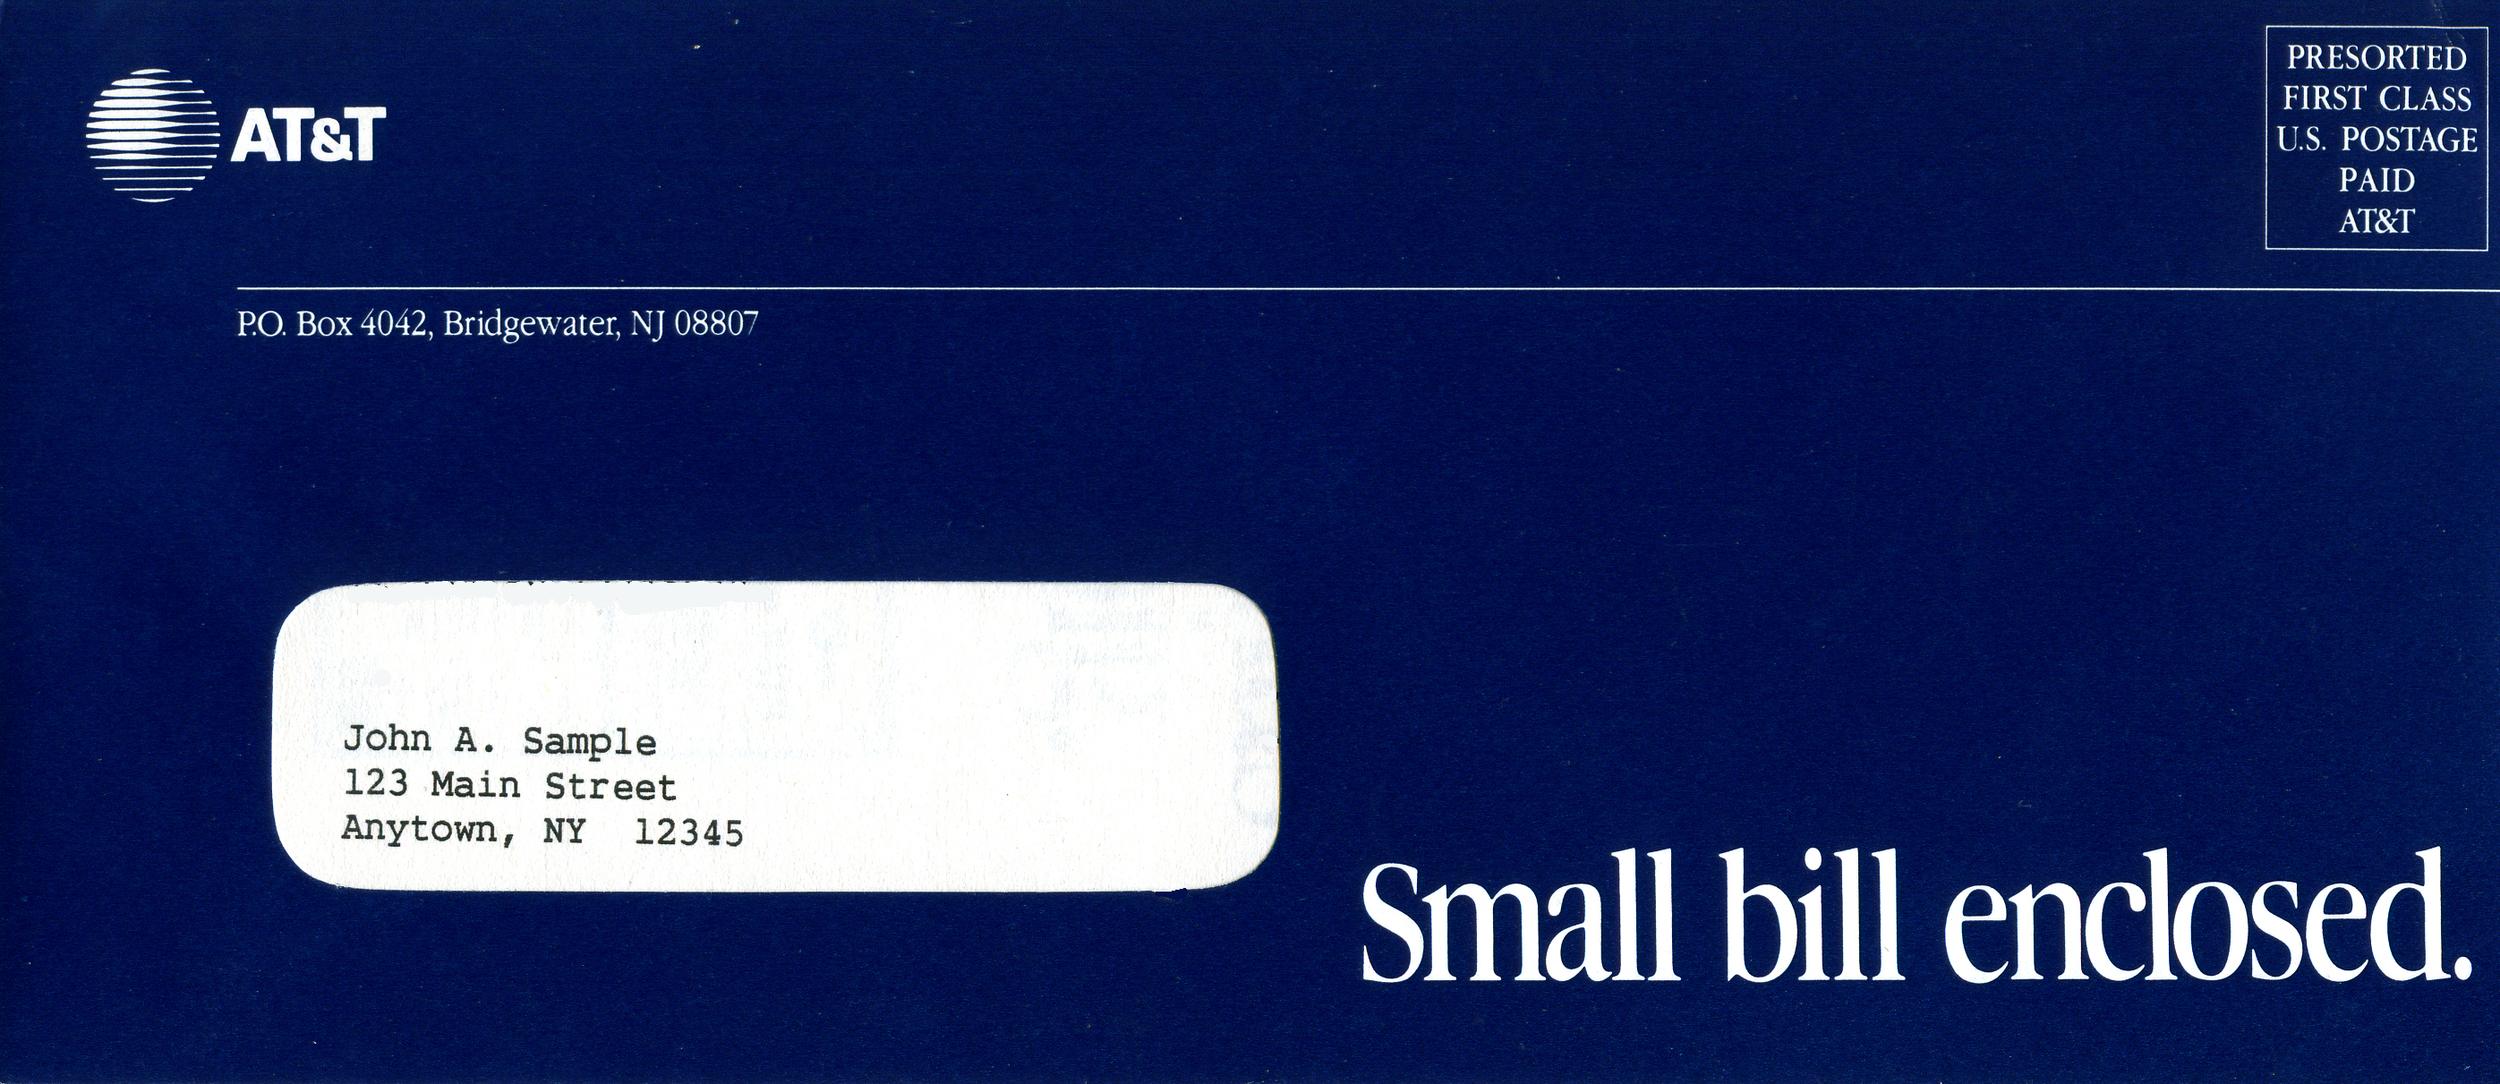 SmallBill.jpg